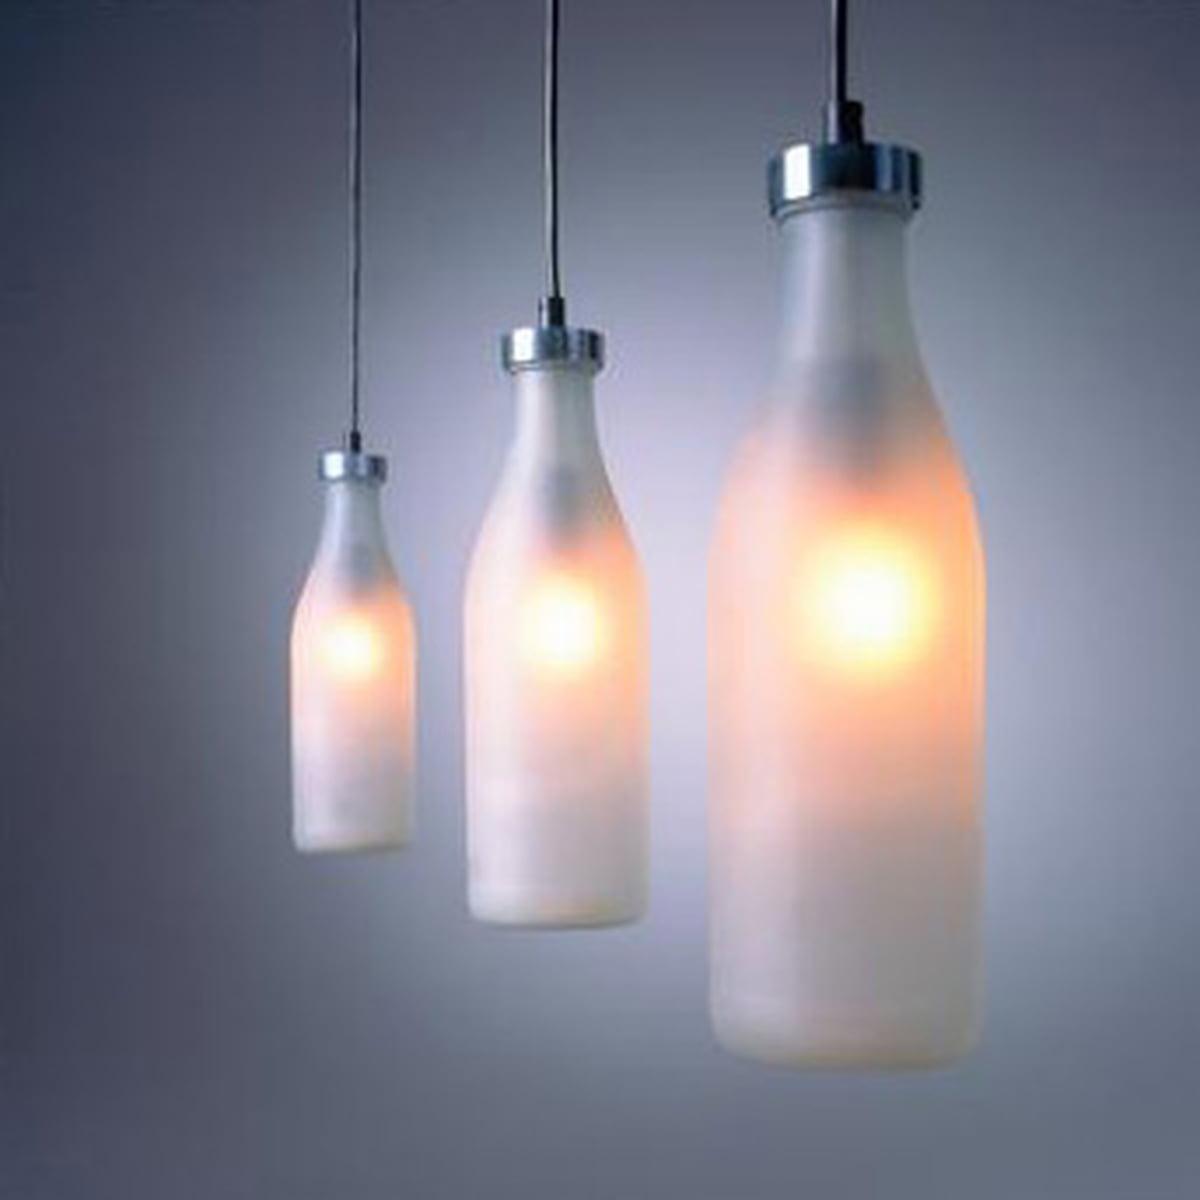 Milkbottle Lamp | Droog Design | Shop